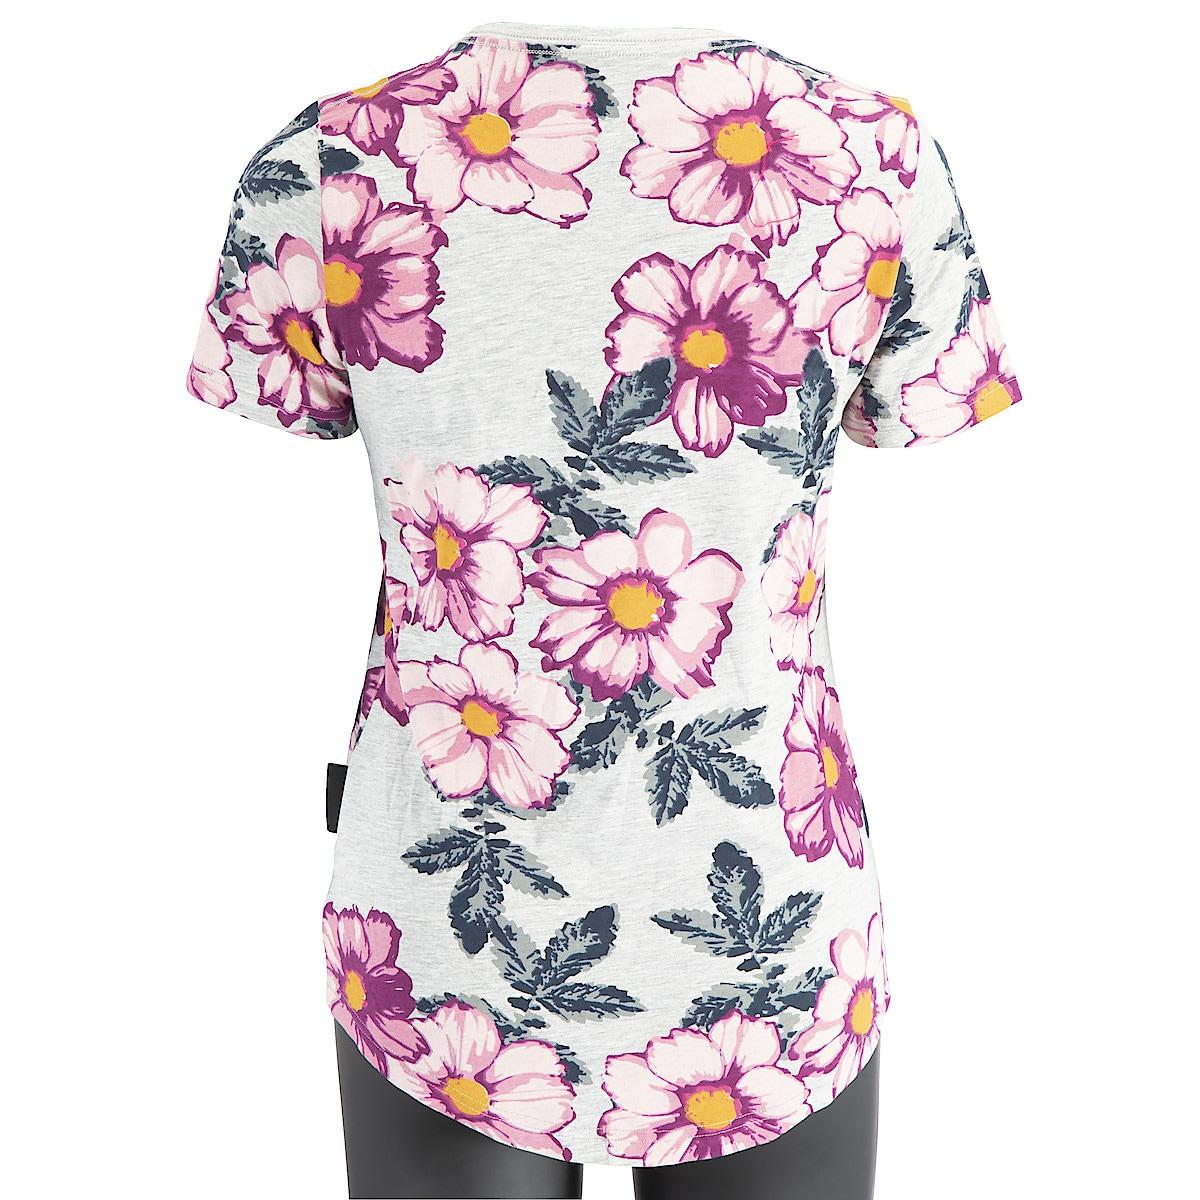 Naisten t-paita, harmaa jossa kukkakuvio